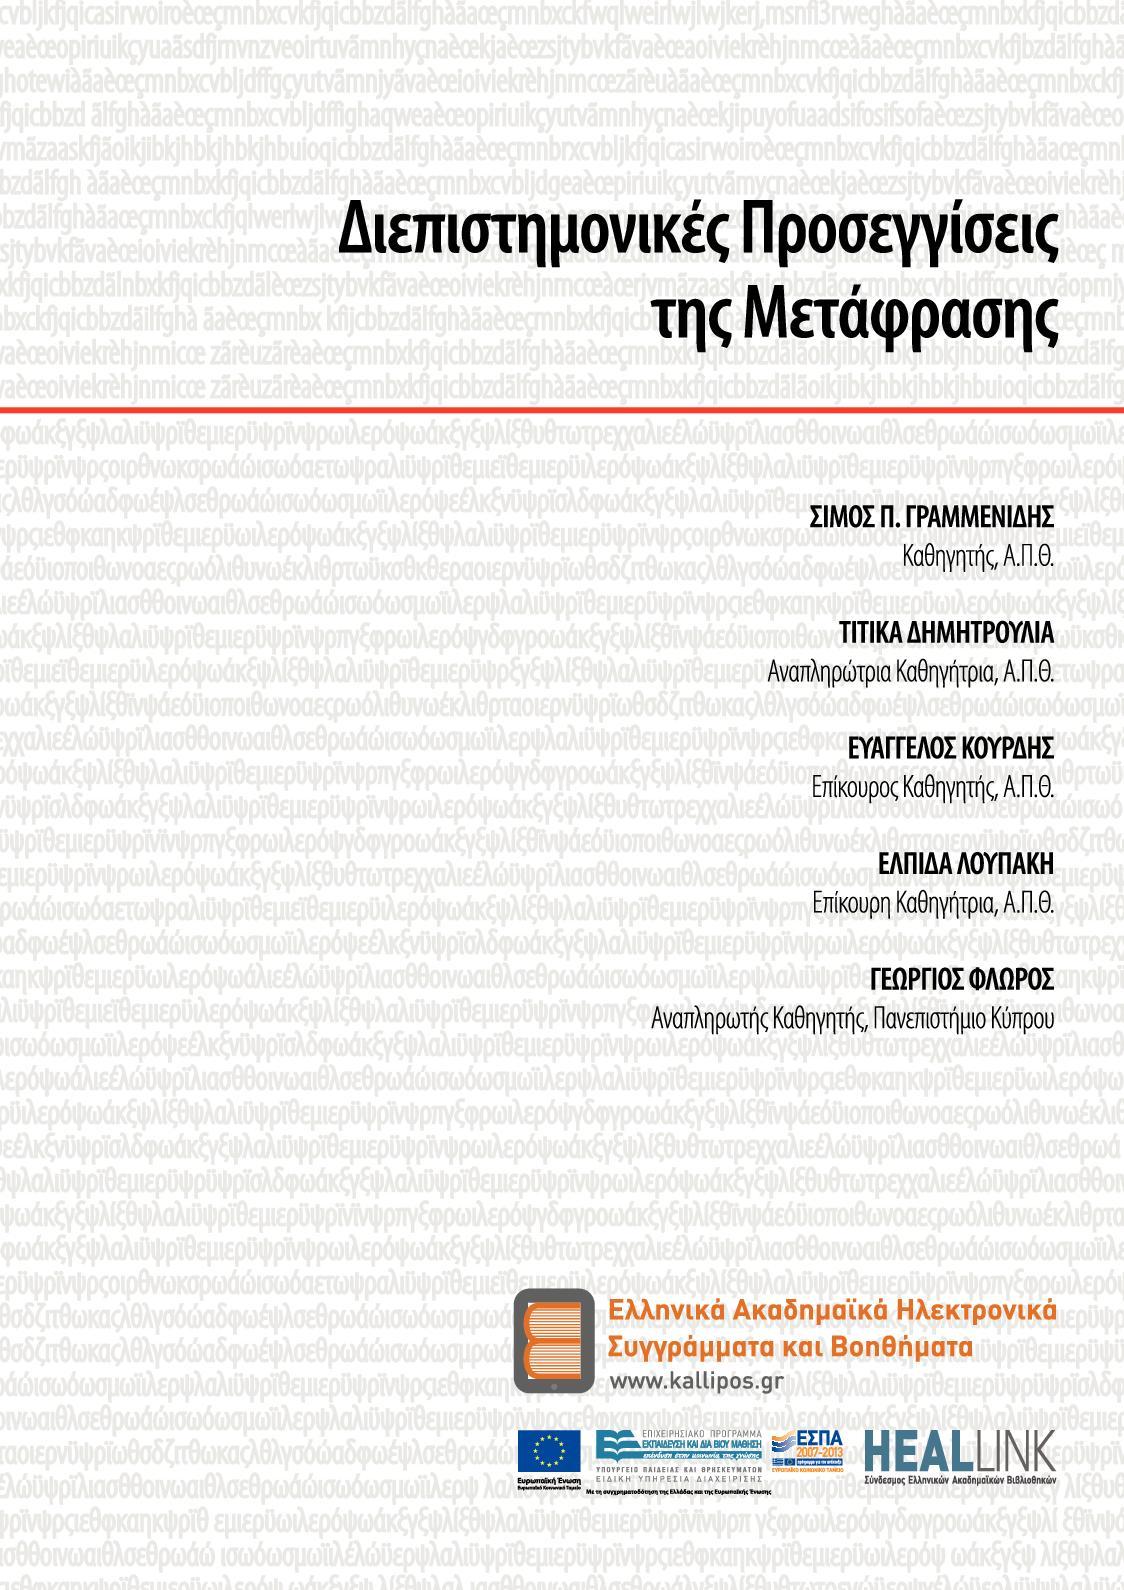 Calaméo - Διεπιστημονικές Προσεγγίσεις της Μετάφρασης. 15a68e39b22